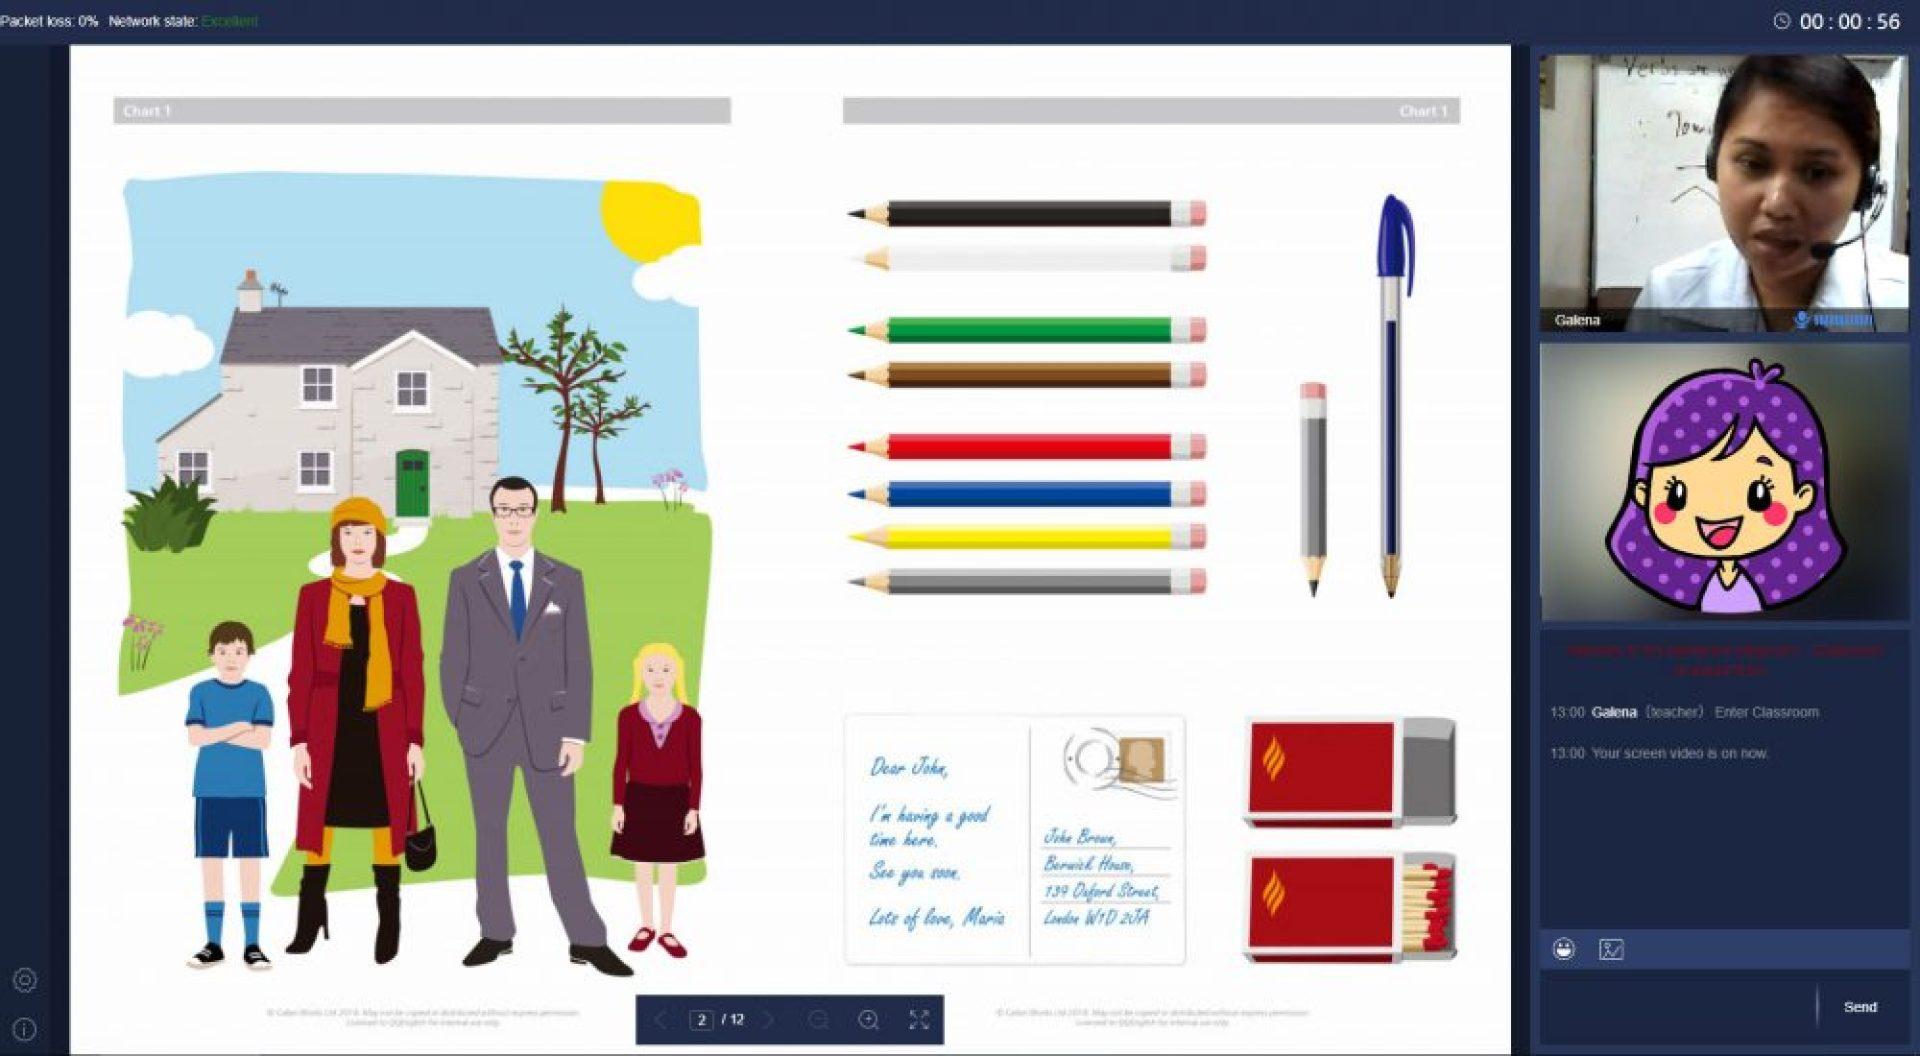 QQEnglishのカランメソッドのレッスン風景の画像